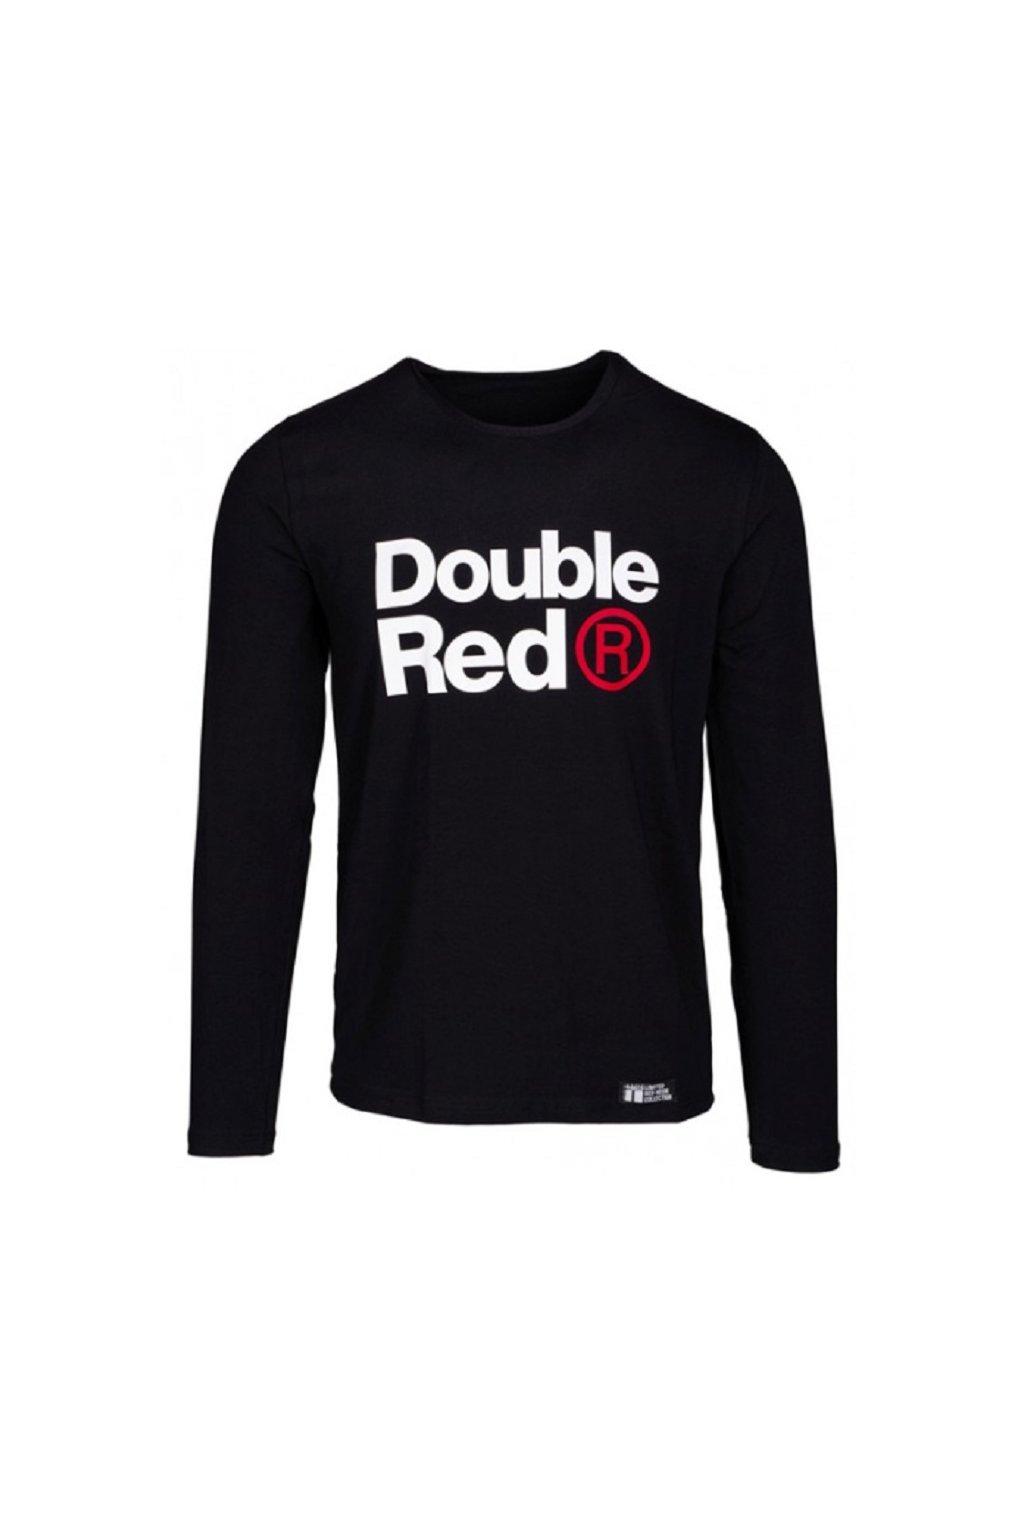 Double Red pánské triko s dlouhým rukávem Red Neon Long Sleeve černé obr1